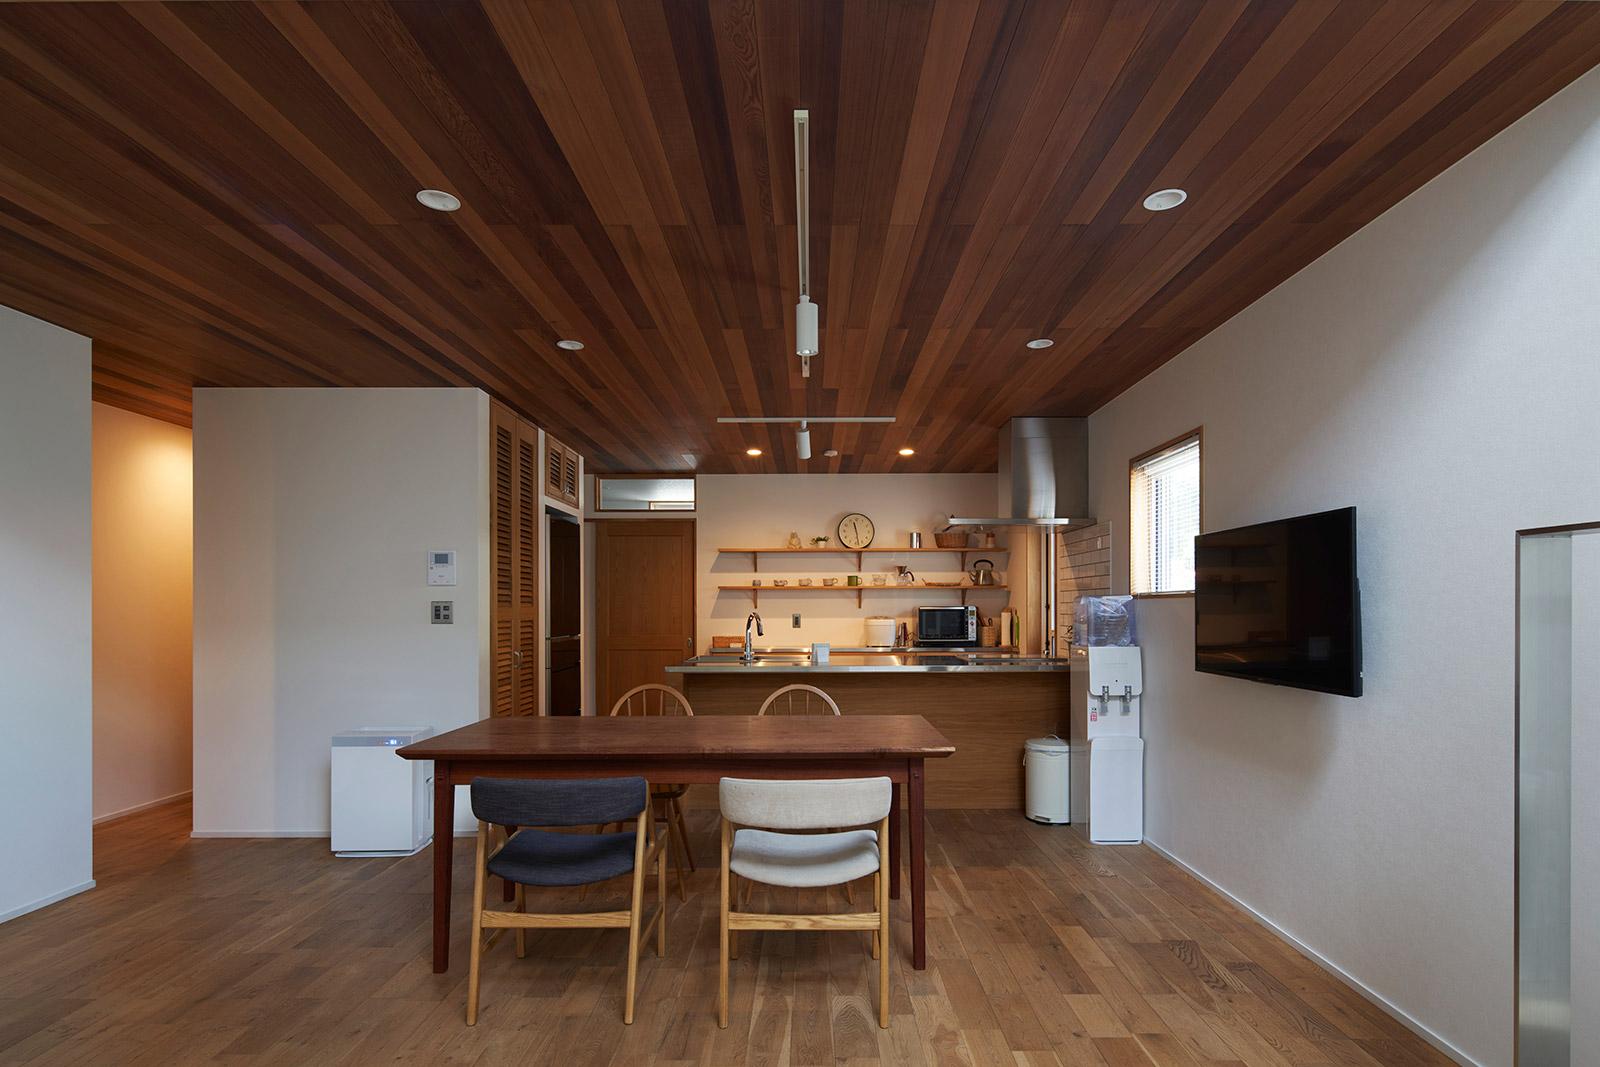 白壁にナラの無垢床、レッドシダー羽目板の天井が映えるLDK。シンプルながらも洗練された美を感じる空間